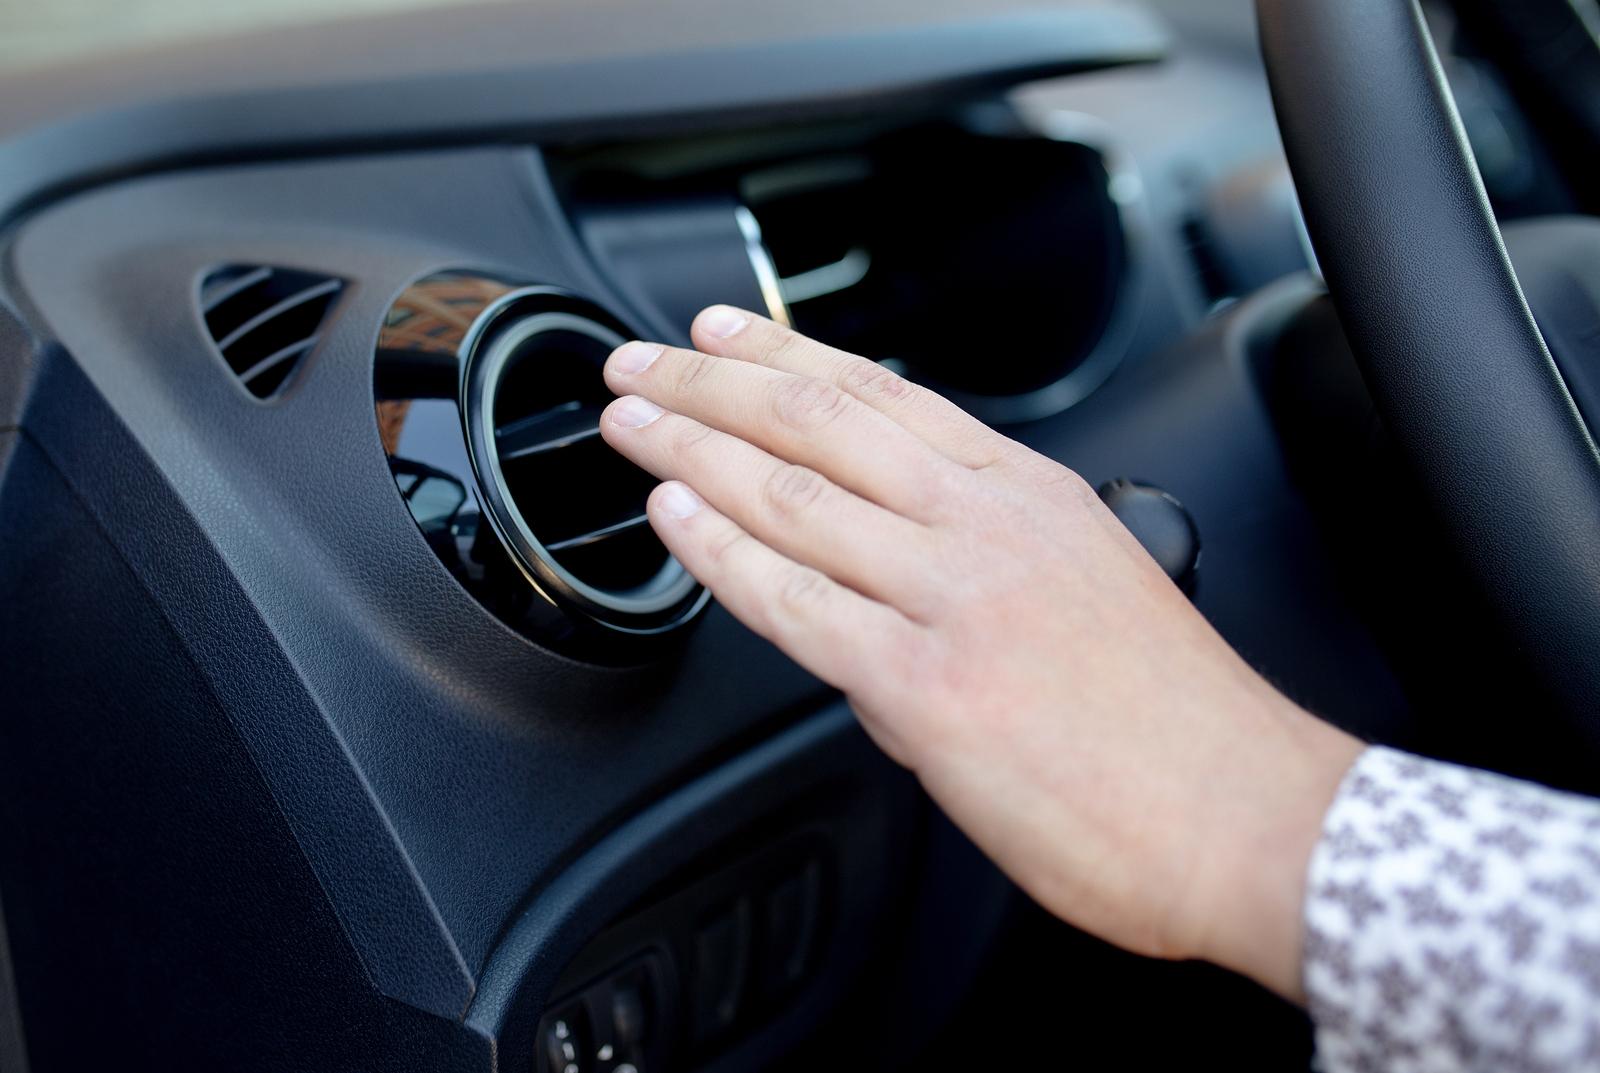 عیب یابی کولر و بخاری خودرو به زبان ساده